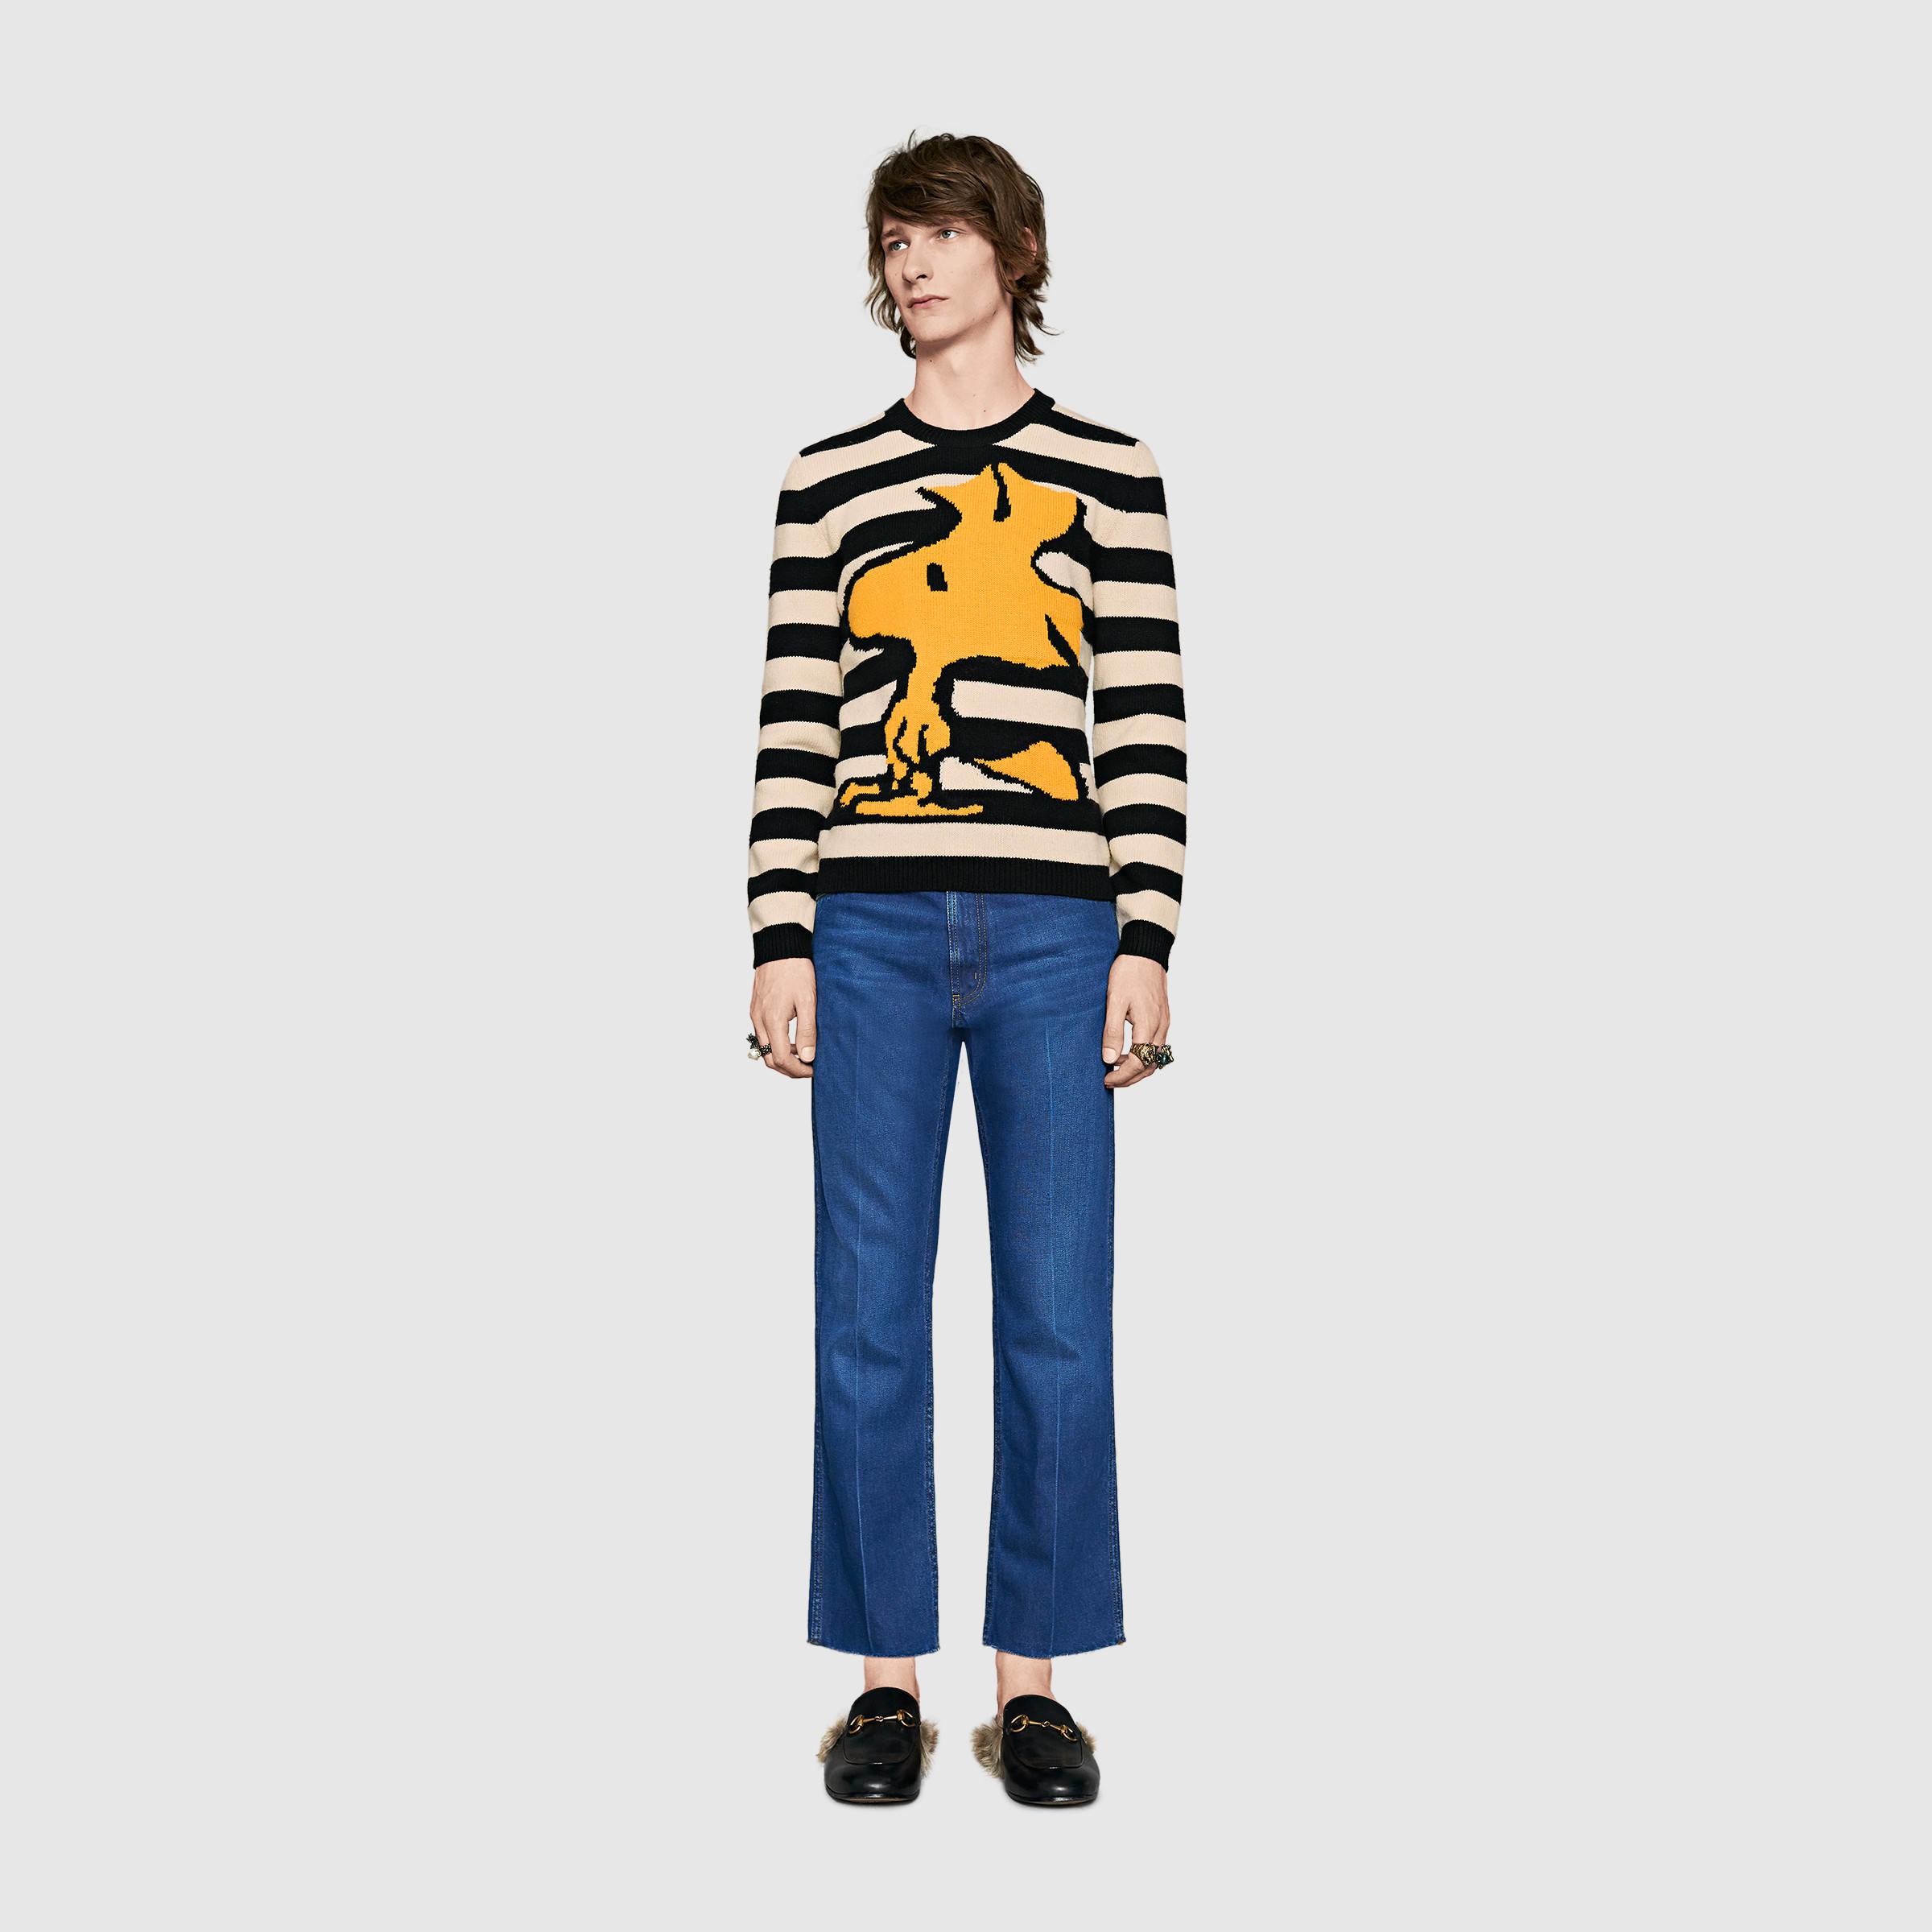 e0fbb04f Gucci Striped Wool Woodstock Sweater in Black for Men - Lyst